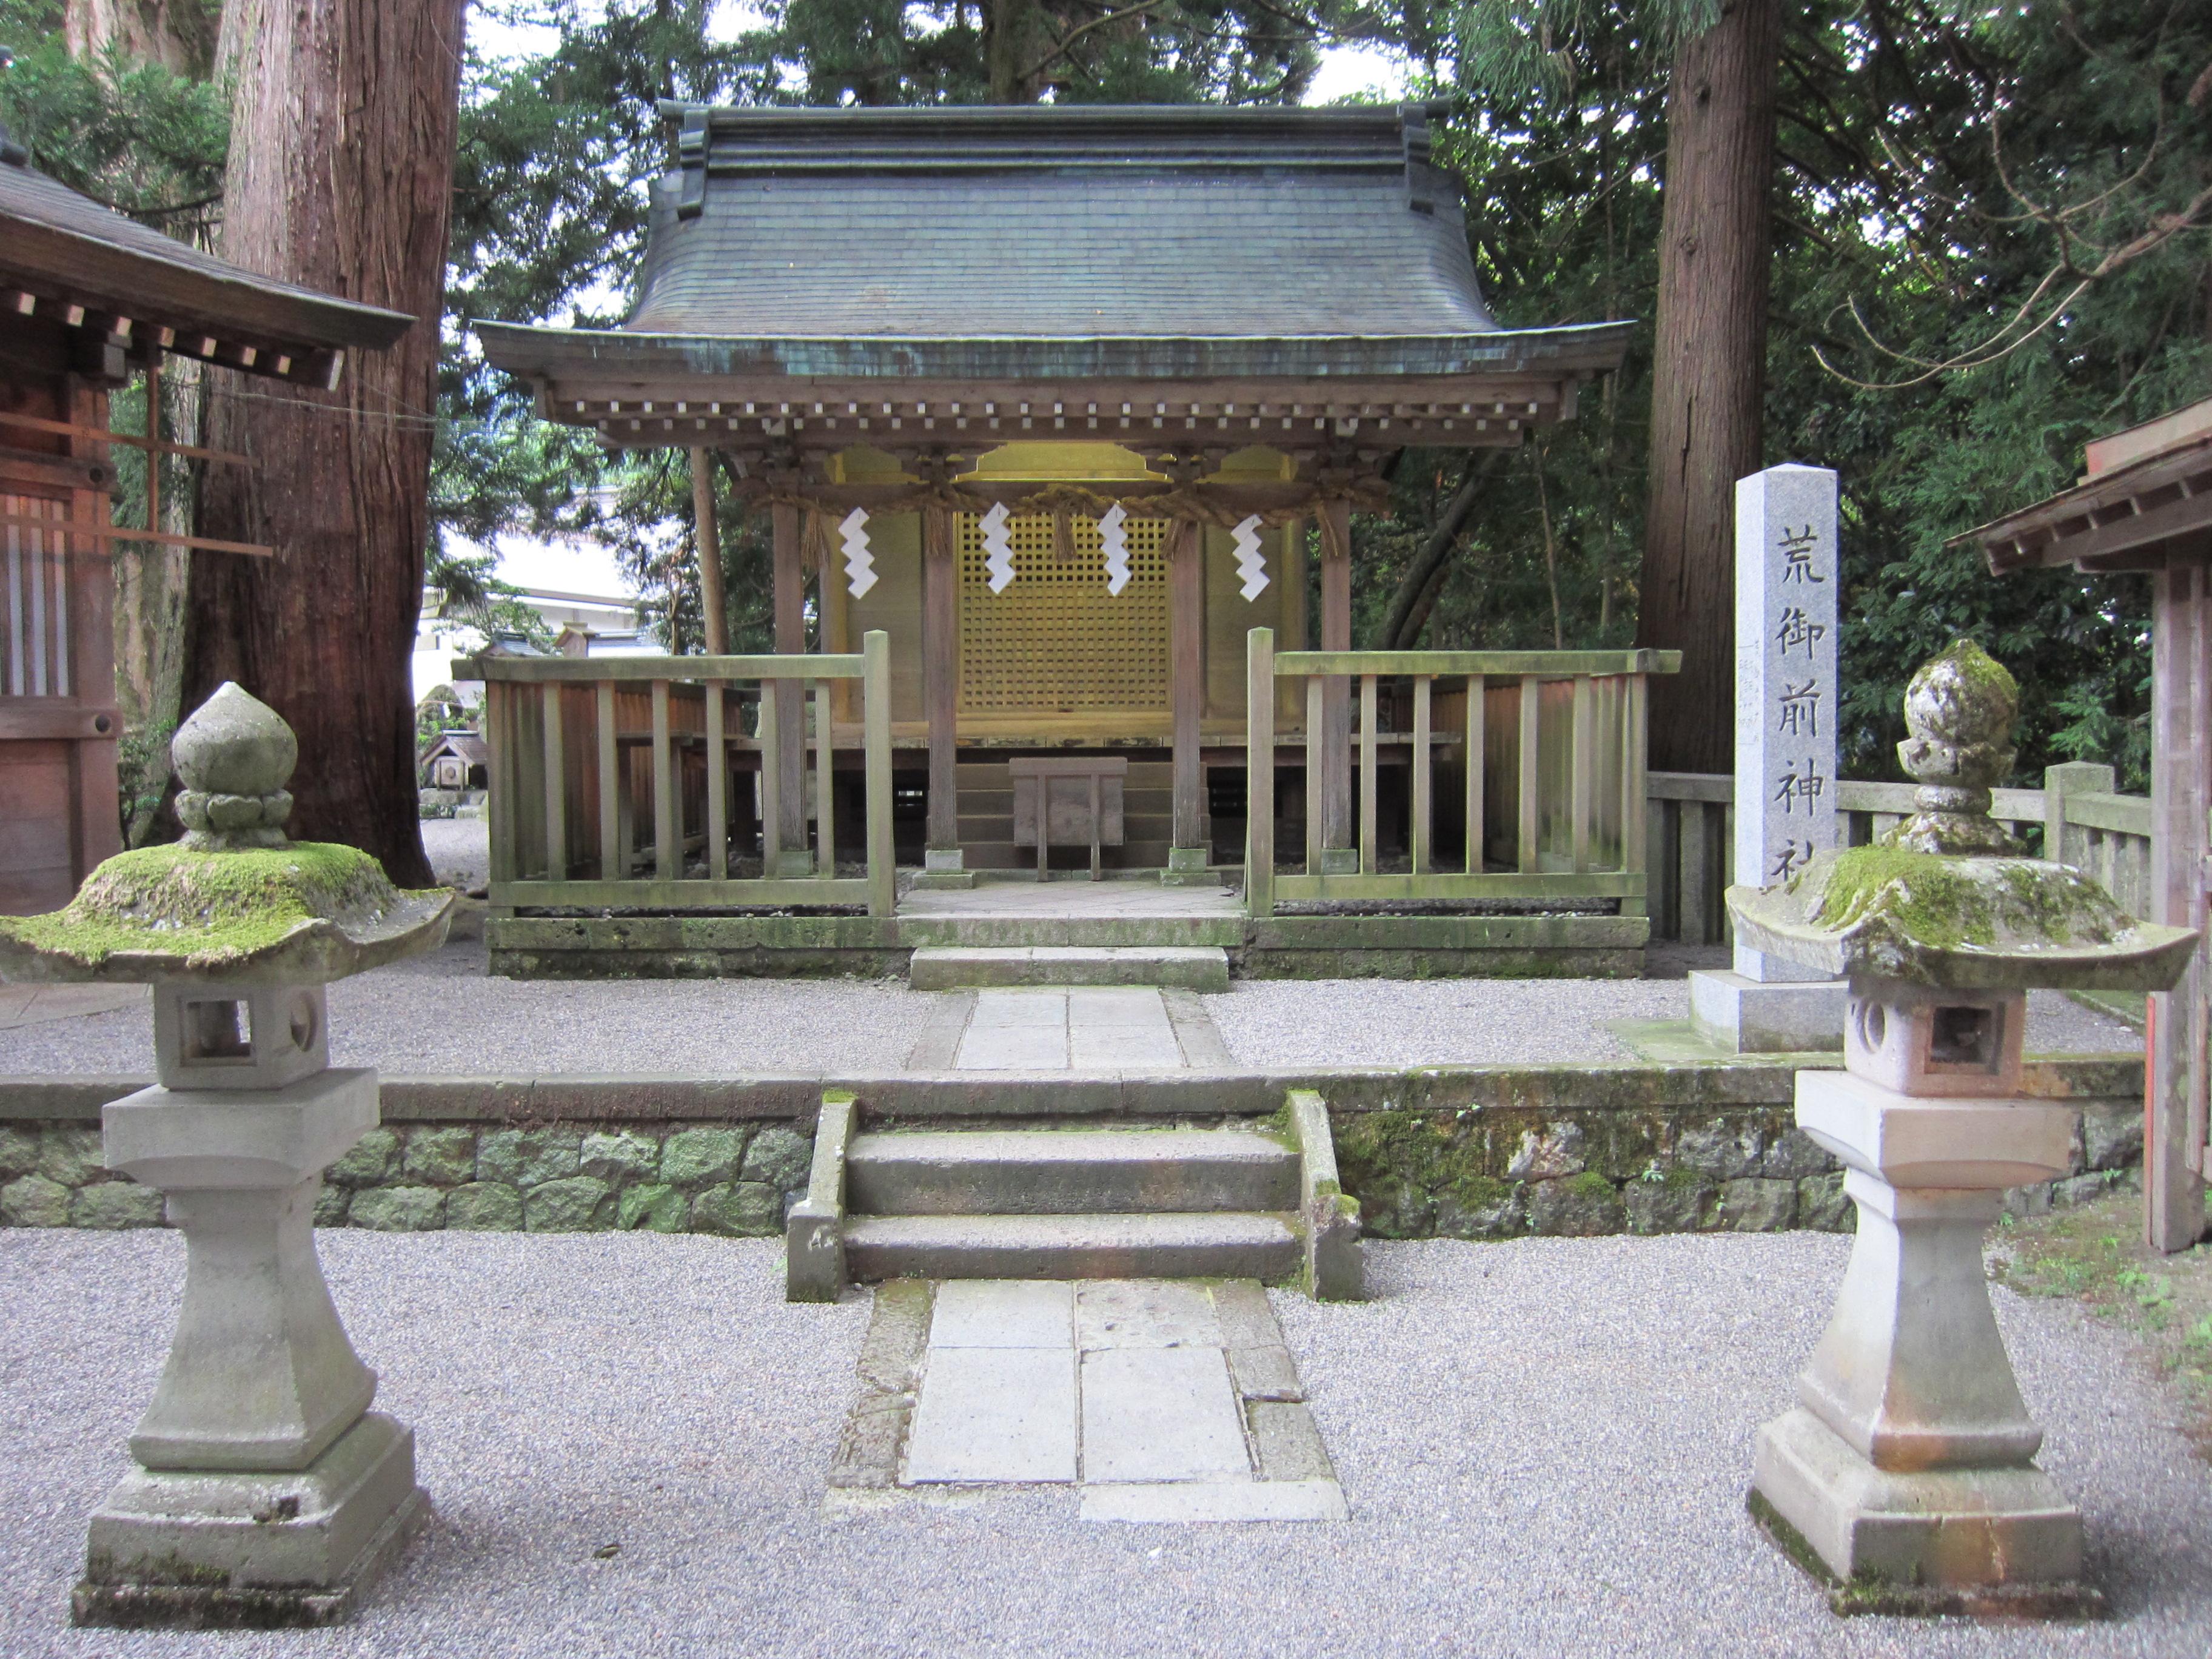 ファイル:荒御前神社 (白山比咩神社摂社).JPG - Wikipedia